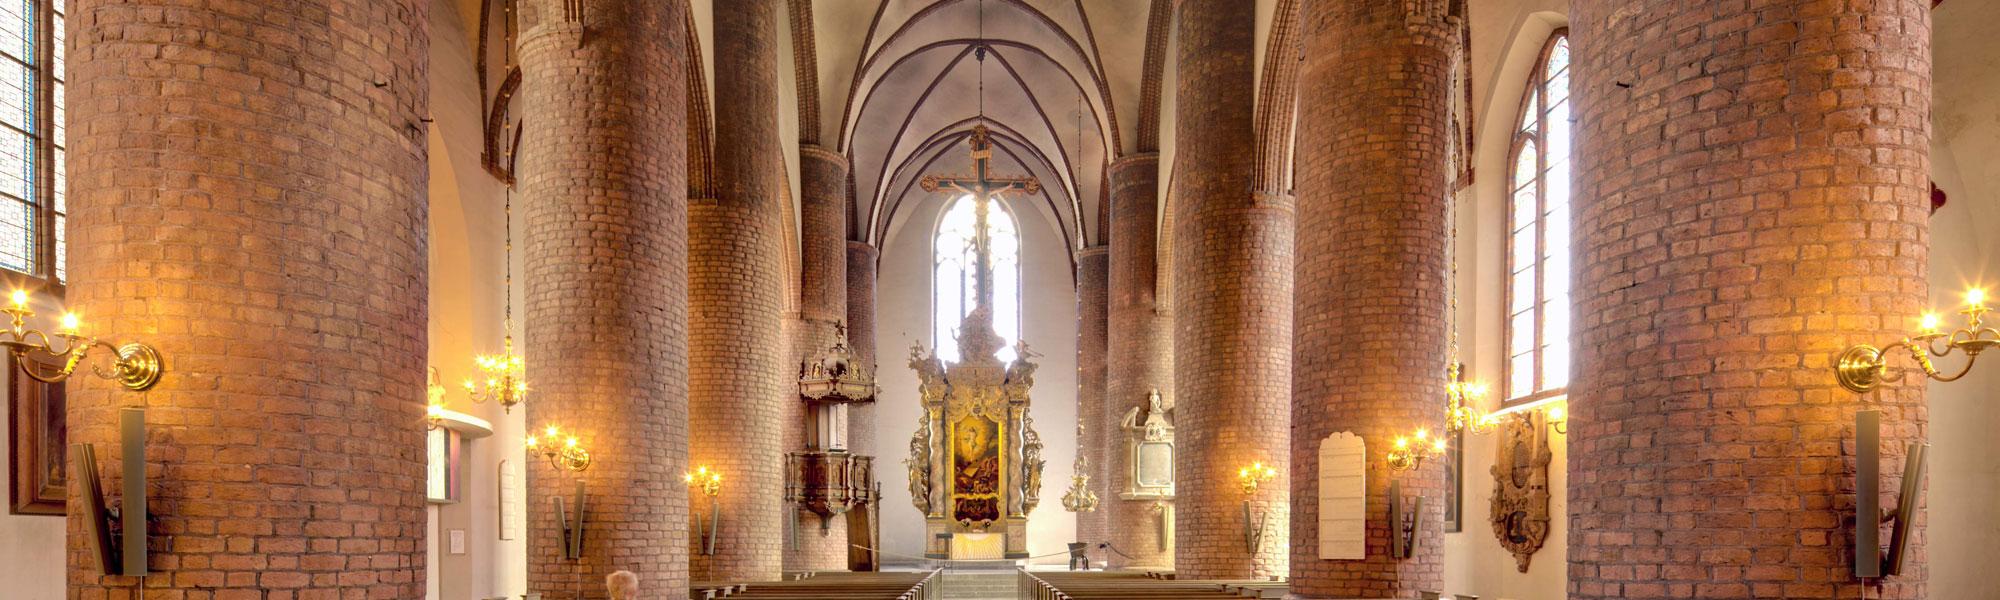 Kirche St. Nikolai, Flensburg